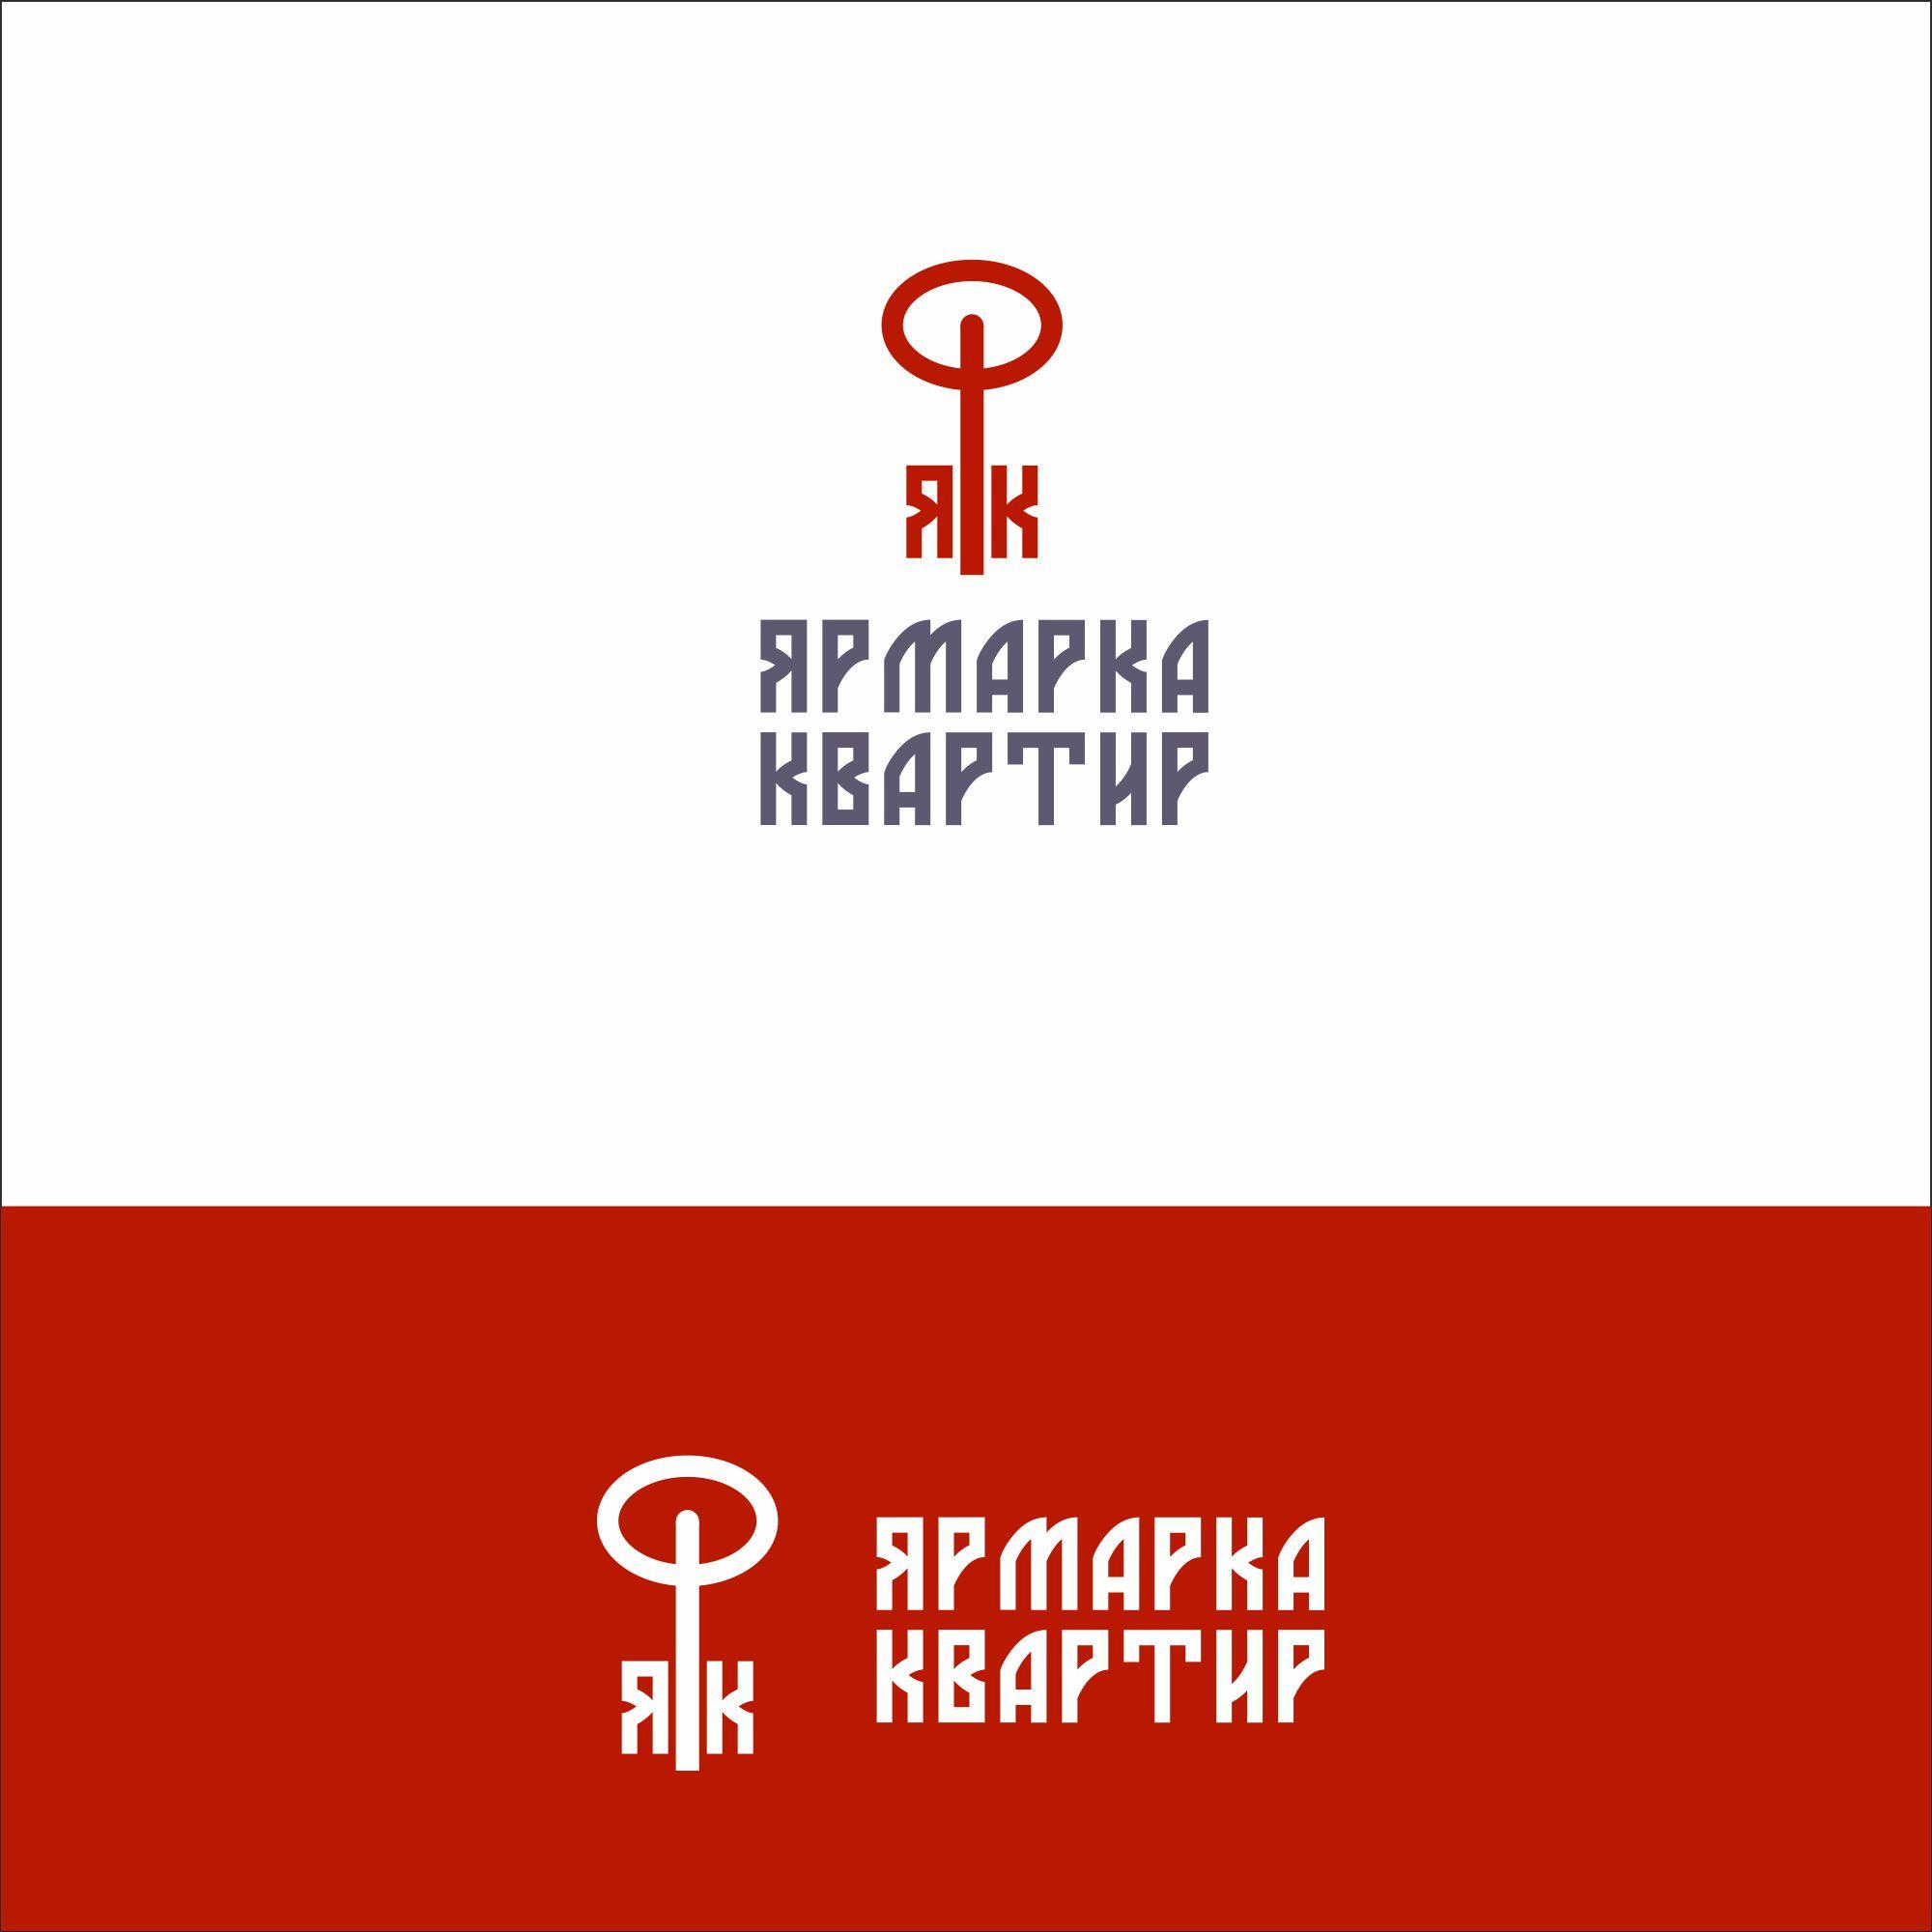 Создание логотипа, с вариантами для визитки и листовки фото f_13560052e68ef932.jpg